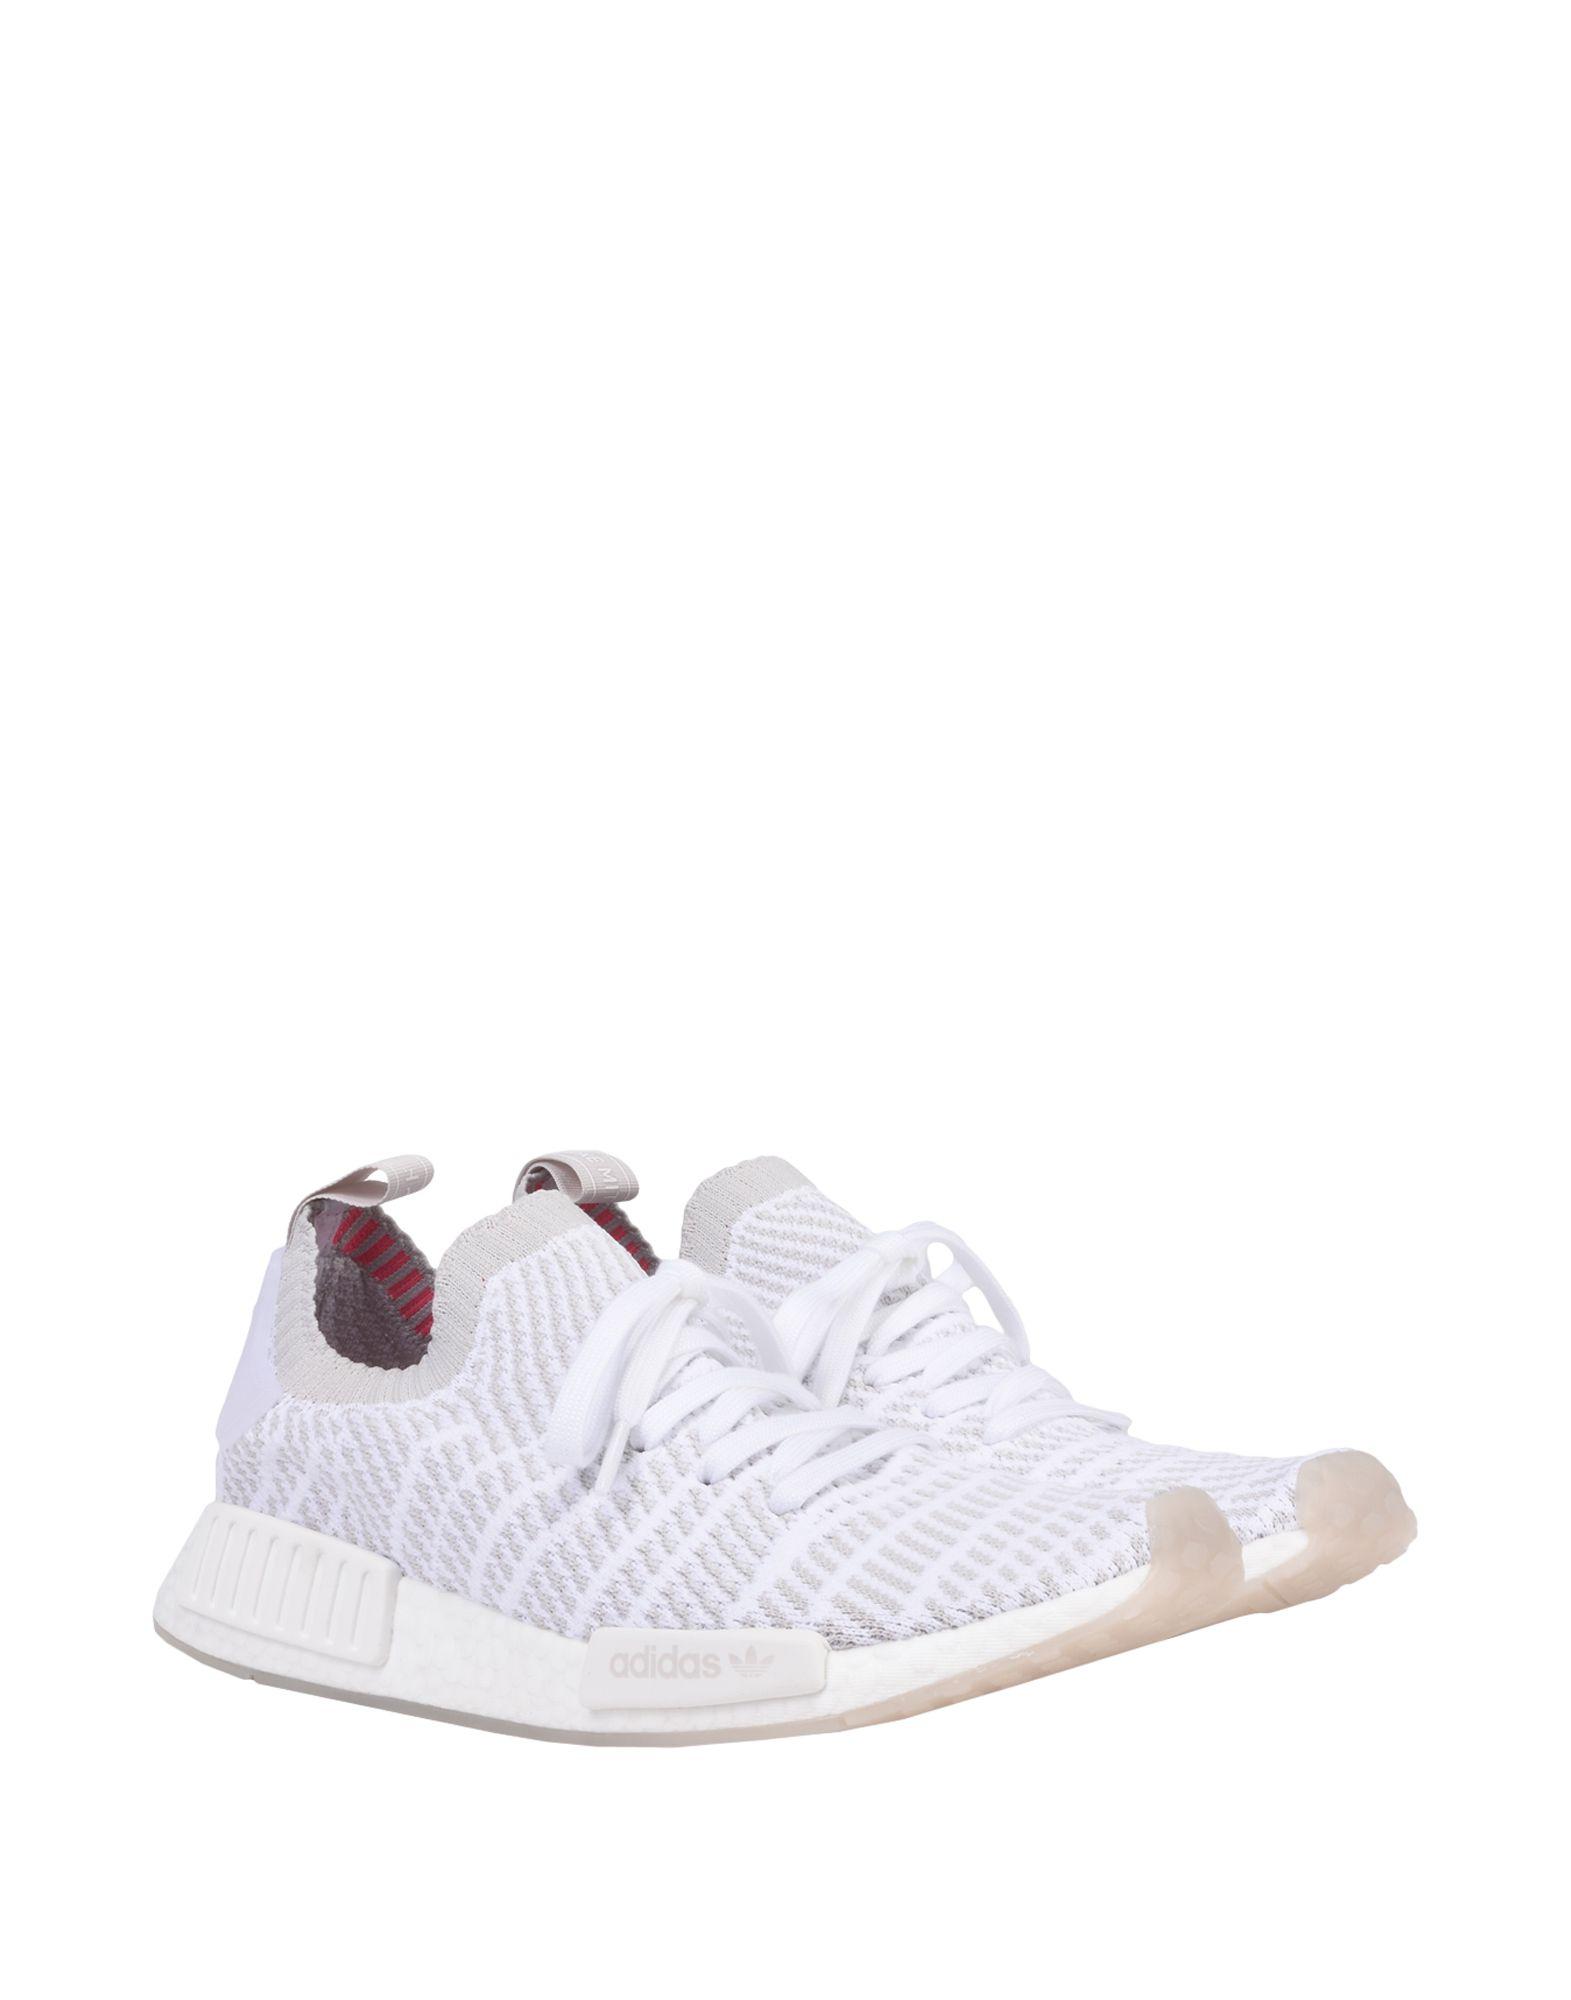 Adidas Originals Nmd_R1 Stlt Pk Pk Pk  11482508AV Neue Schuhe f1a133